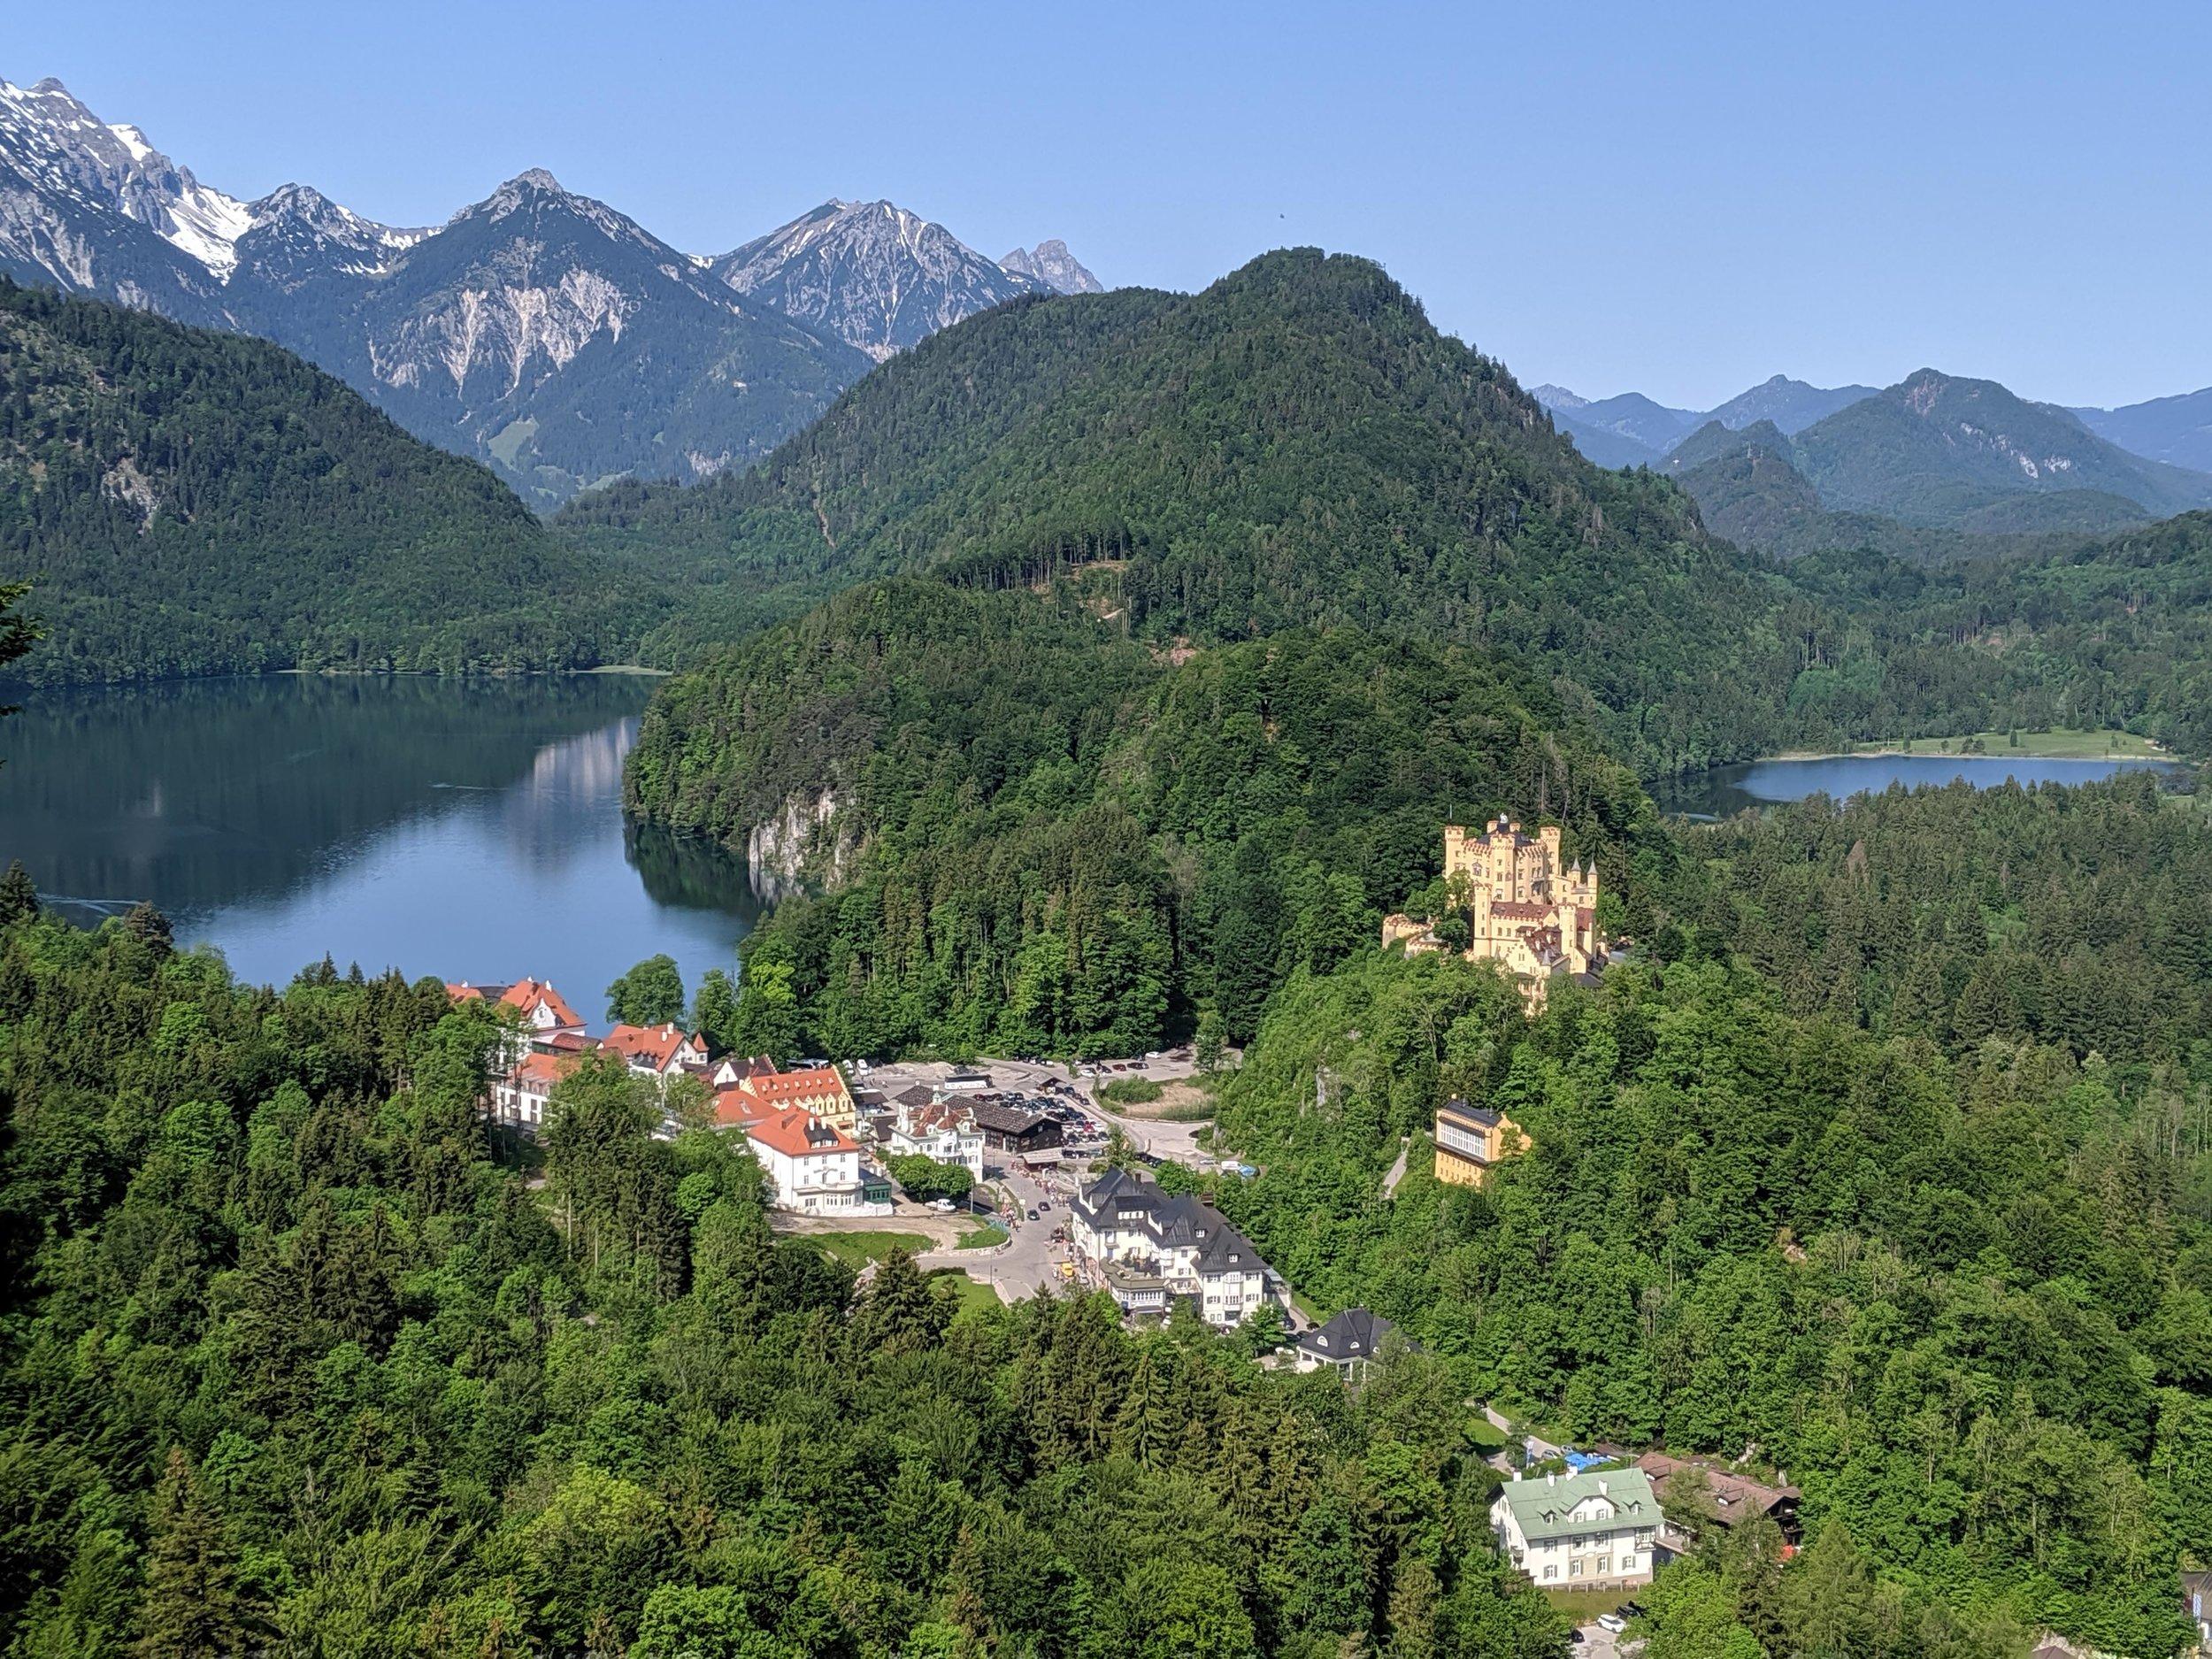 Views from Neuschwanstein